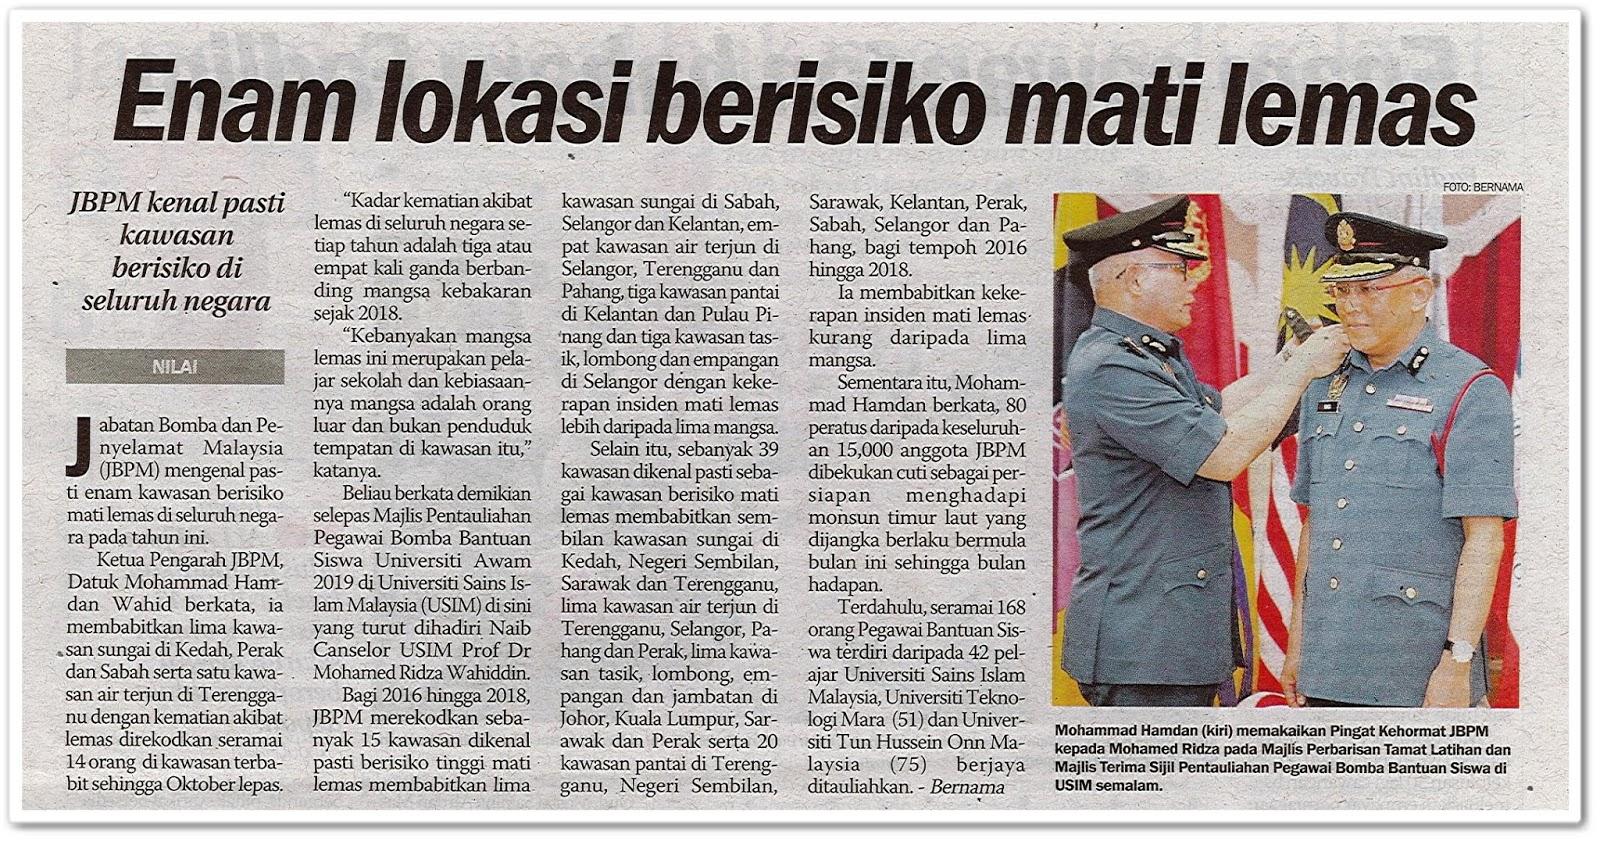 Enam lokasi berisiko mati lemas - Keratan akhbar Sinar Harian 18 November 2019